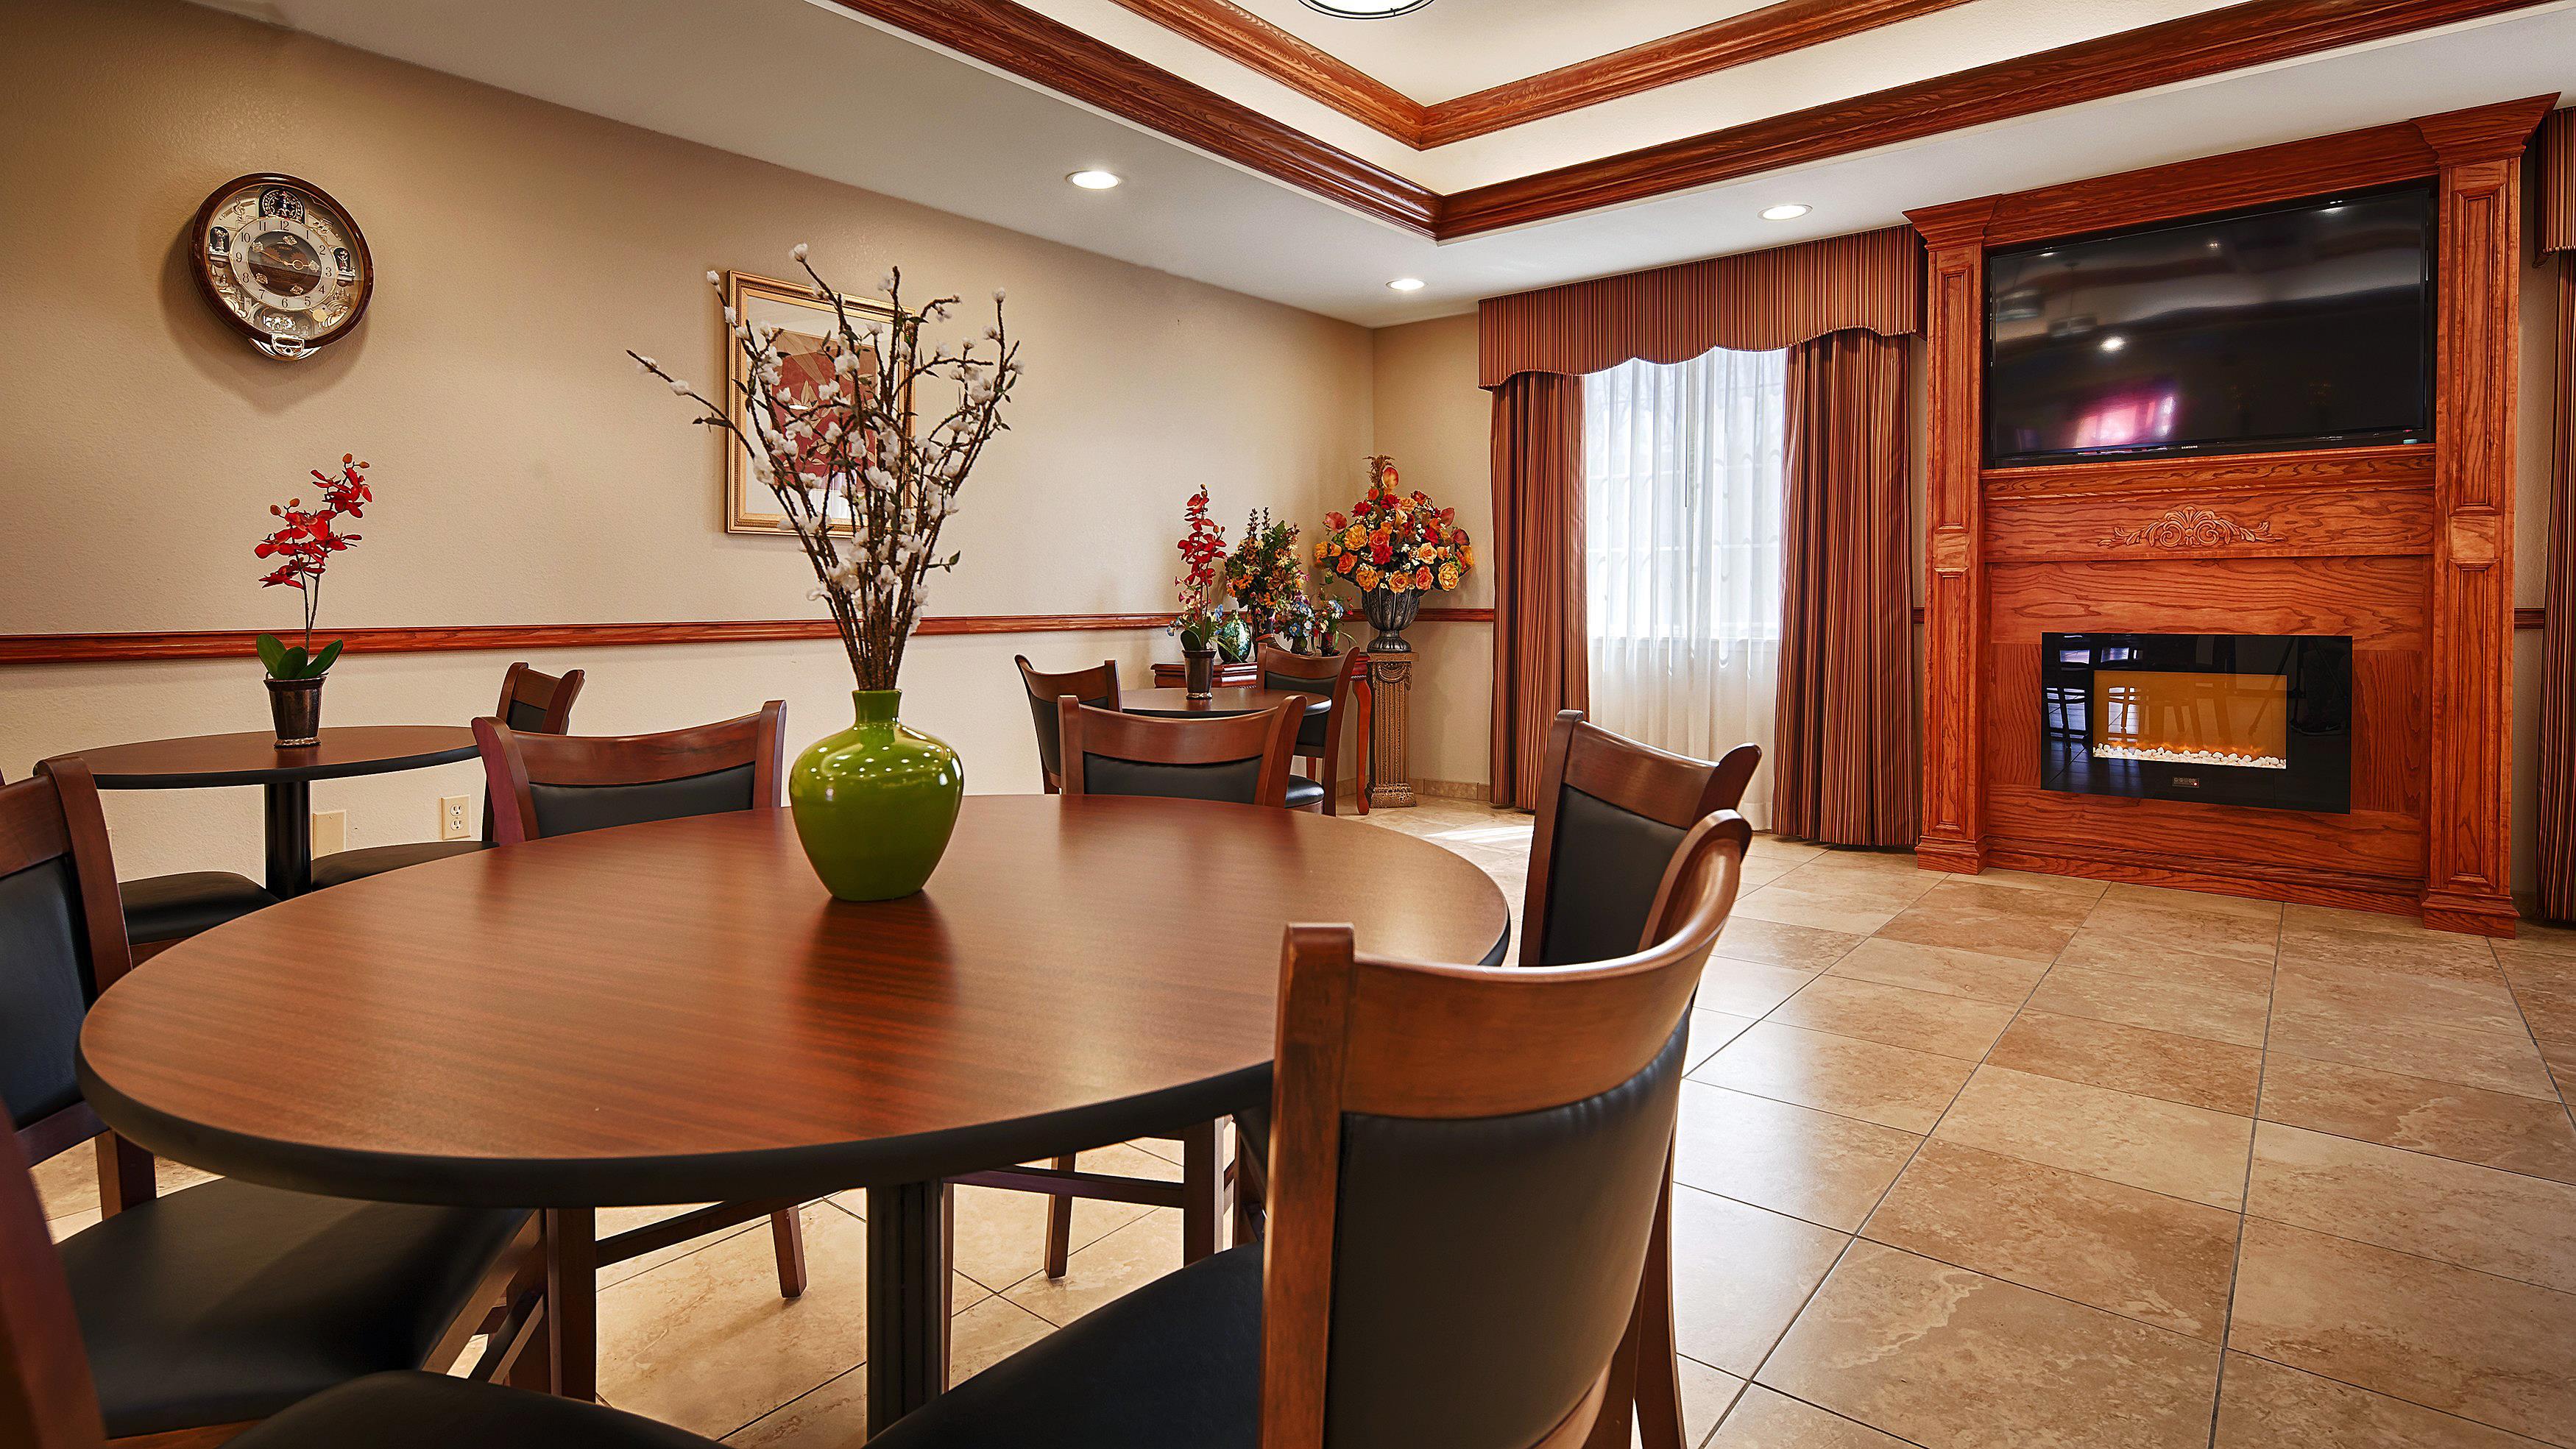 Best Western Plus Monahans Inn & Suites image 9